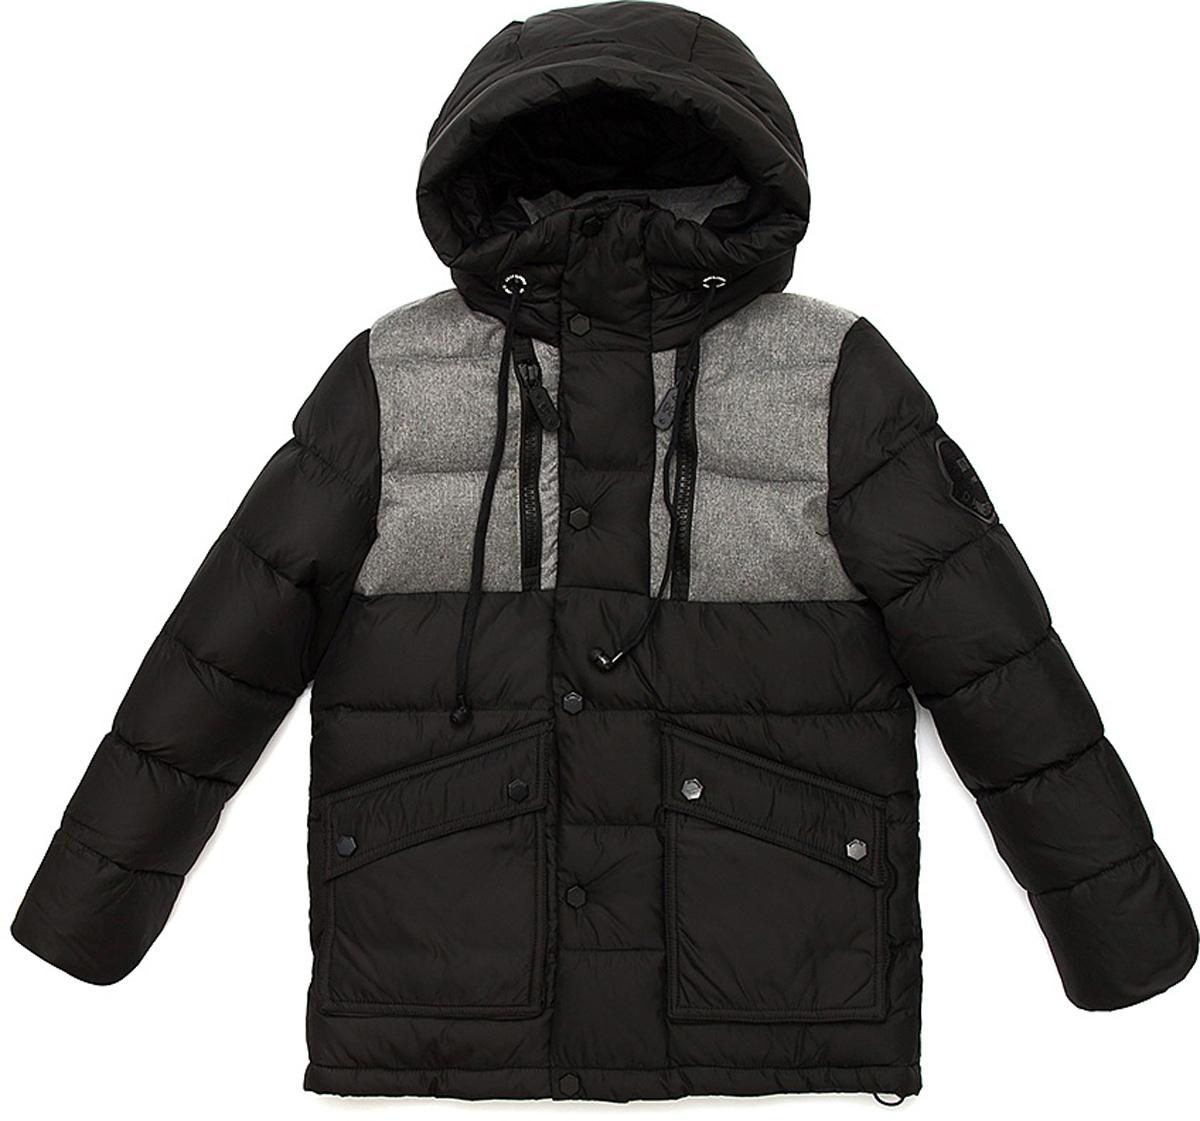 Куртка для мальчика Vitacci, цвет: черный. 1171481-03. Размер 1701171481-03Удлиненная куртка для мальчика Vitacci, изготовленная из полиэстера, станет стильнымдополнением к детскому гардеробу.Подкладка выполнена из полиэстера и дополнительно утеплена флисом по спинке. В качестве наполнителя используется биопух.Куртка со съемным капюшоном и воротником-стойкой застегивается на пластиковую застежку-молнию и дополнительно имеет внешнюю ветрозащитную планку на кнопках. Температурный режим от -10°С до -25°С.Теплая, удобная и практичная куртка идеально подойдет юному моднику для прогулок!